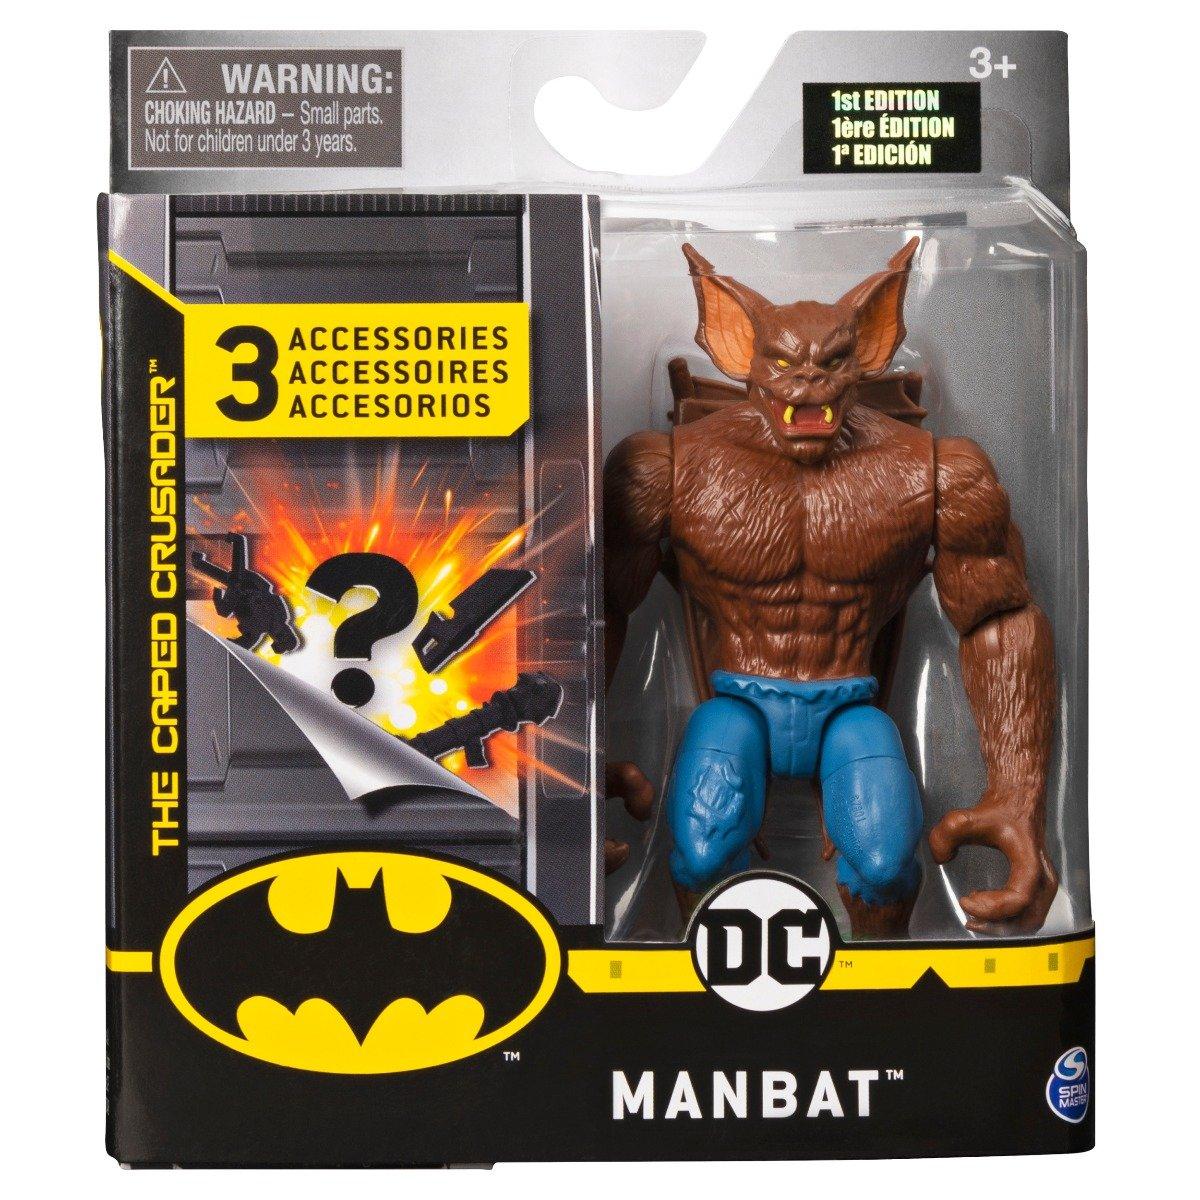 Set Figurina cu accesorii surpriza Batman, Manbat S1, 20125791